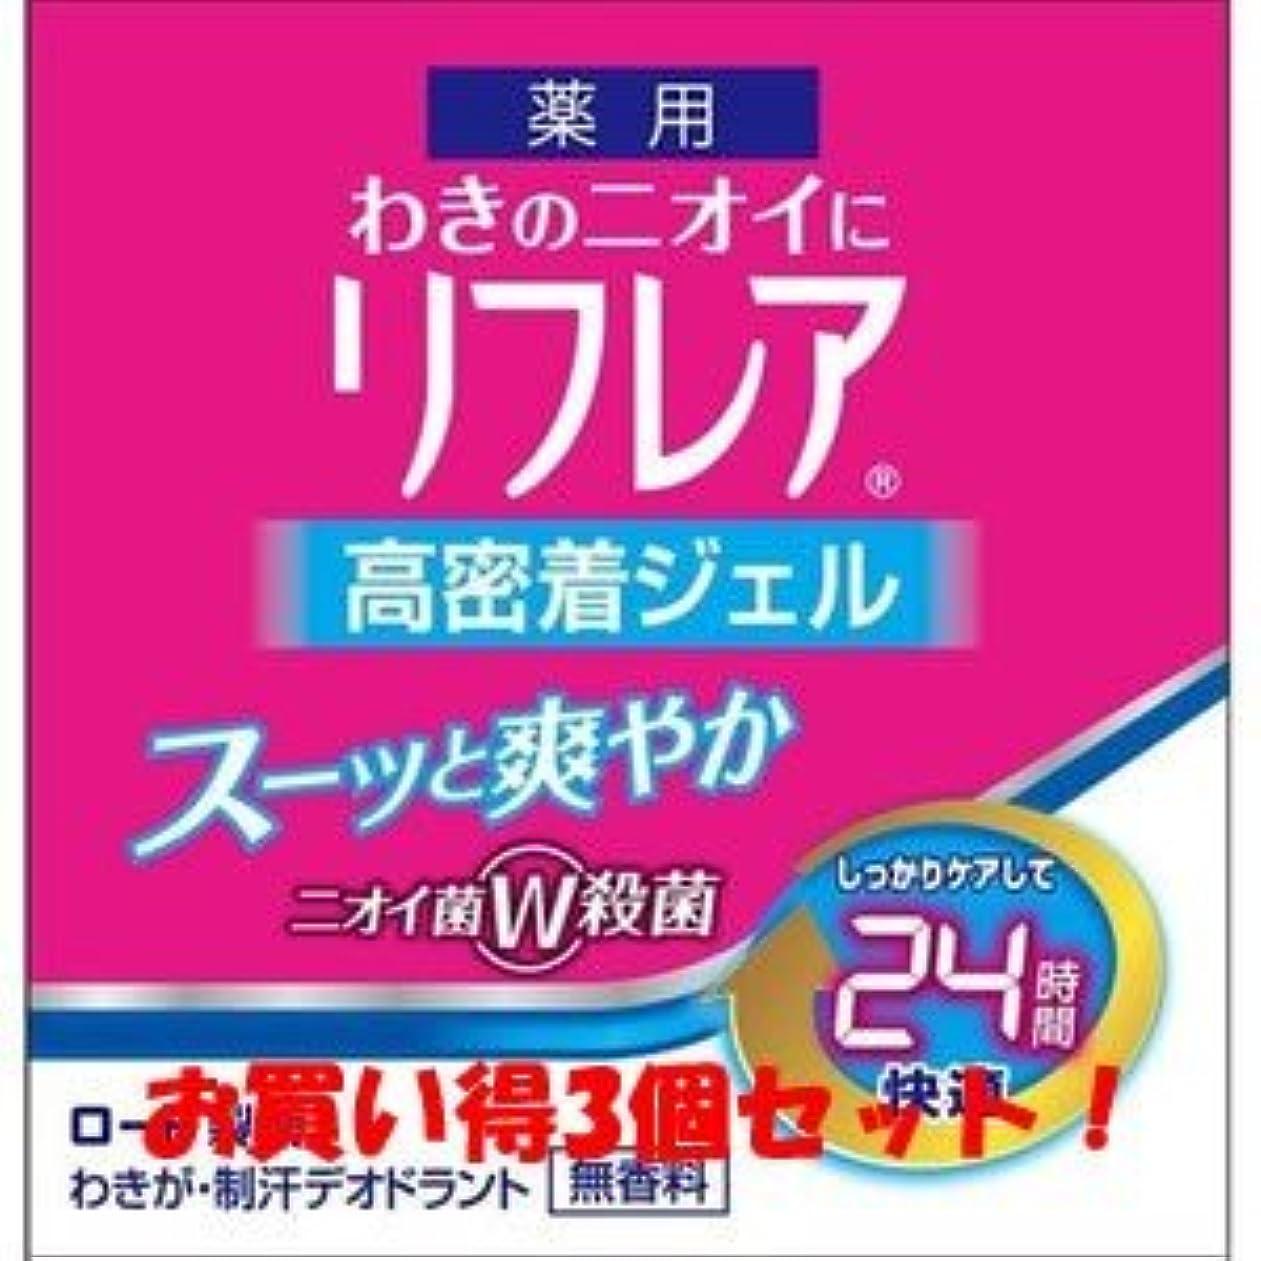 腐敗した統合不健全(ロート製薬)メンソレータム リフレア デオドラントジェル 48g(医薬部外品)(お買い得3個セット)